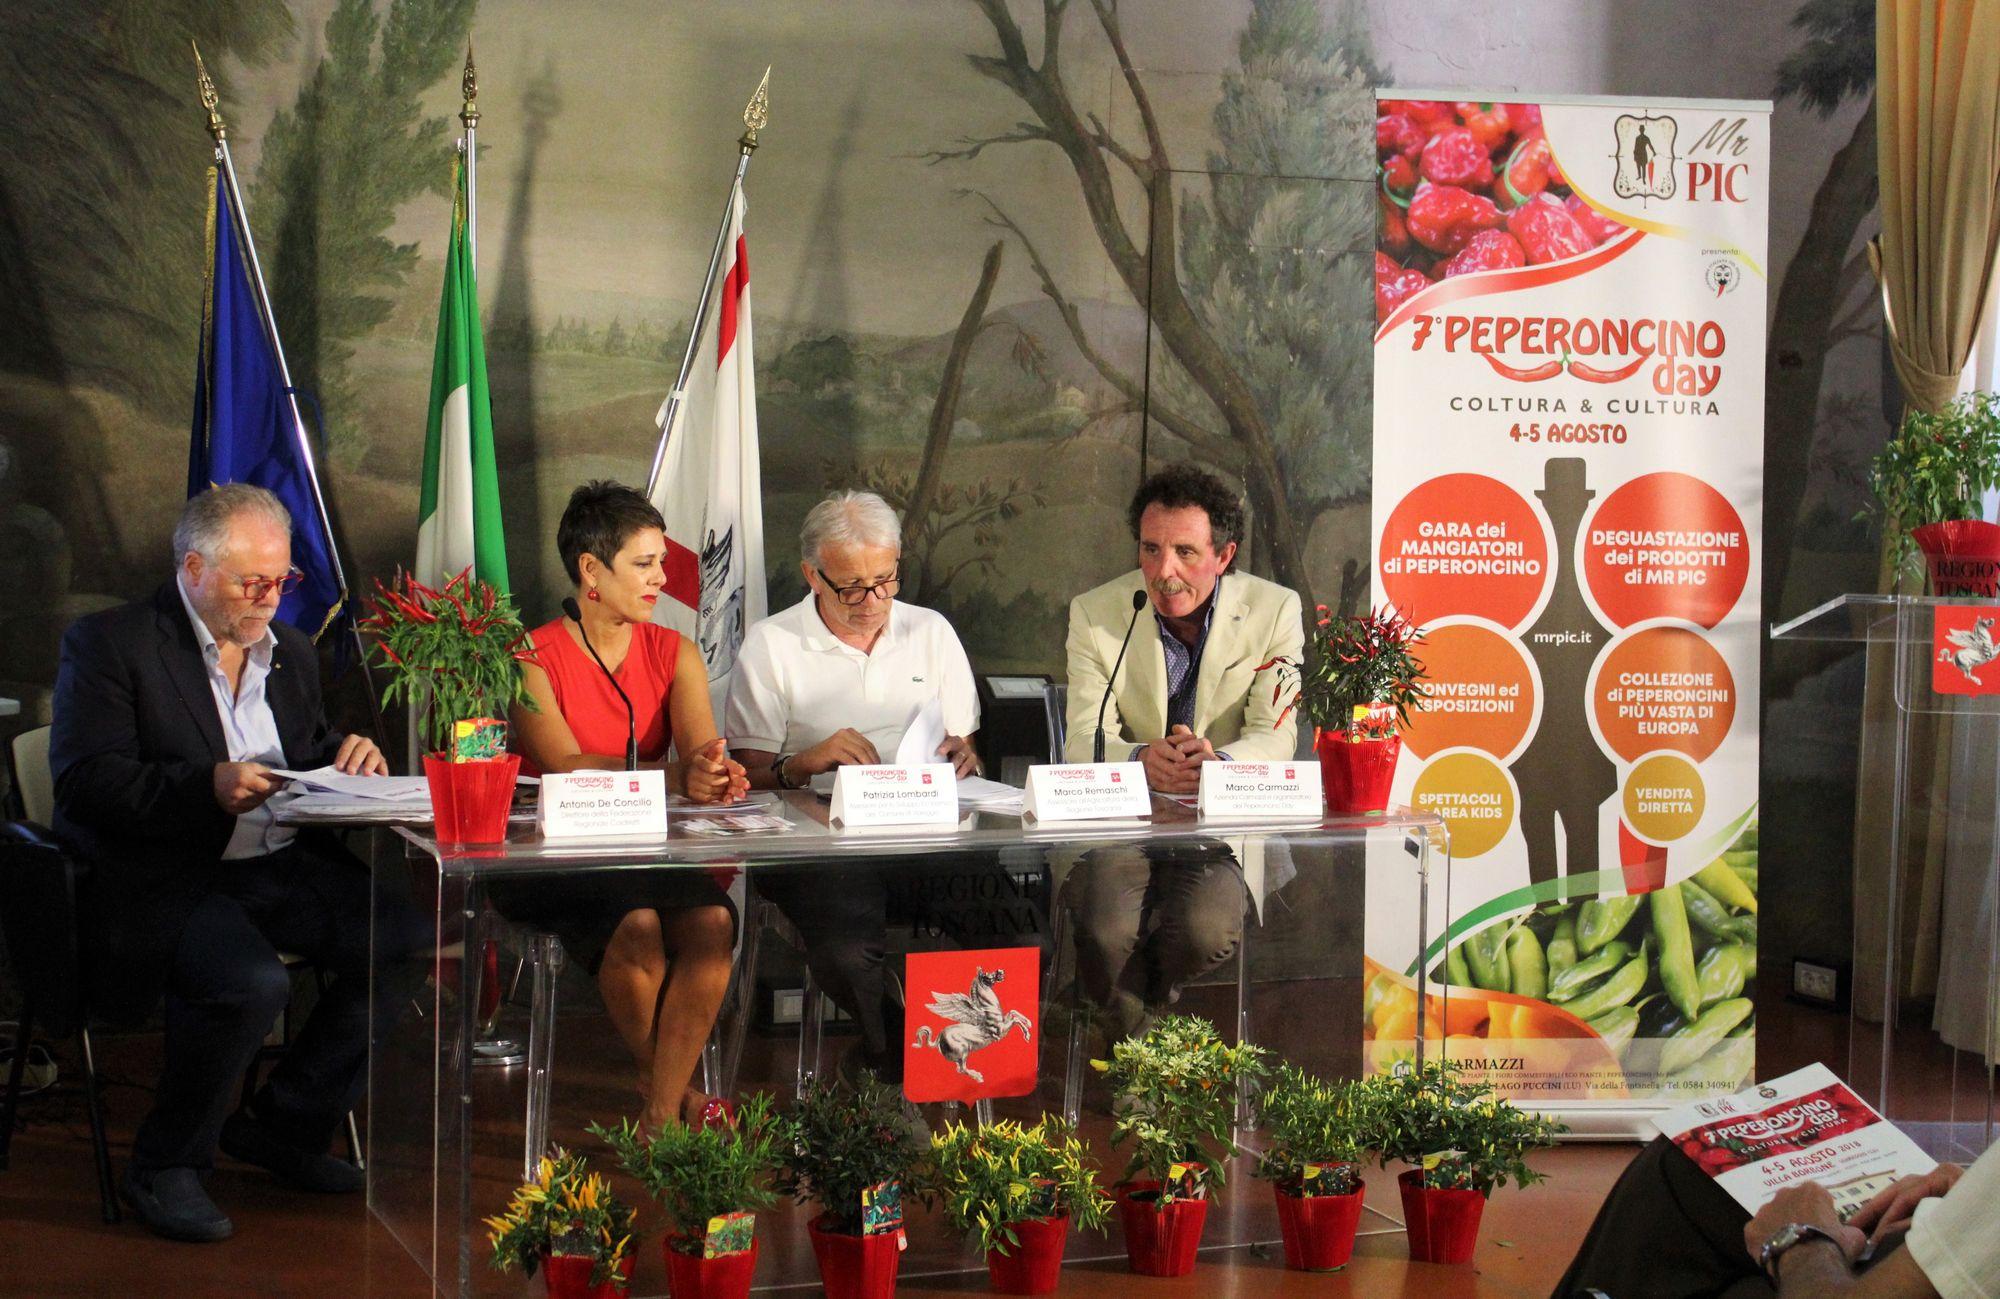 Presentata in Regione Toscana il 7° Peperoncino Day